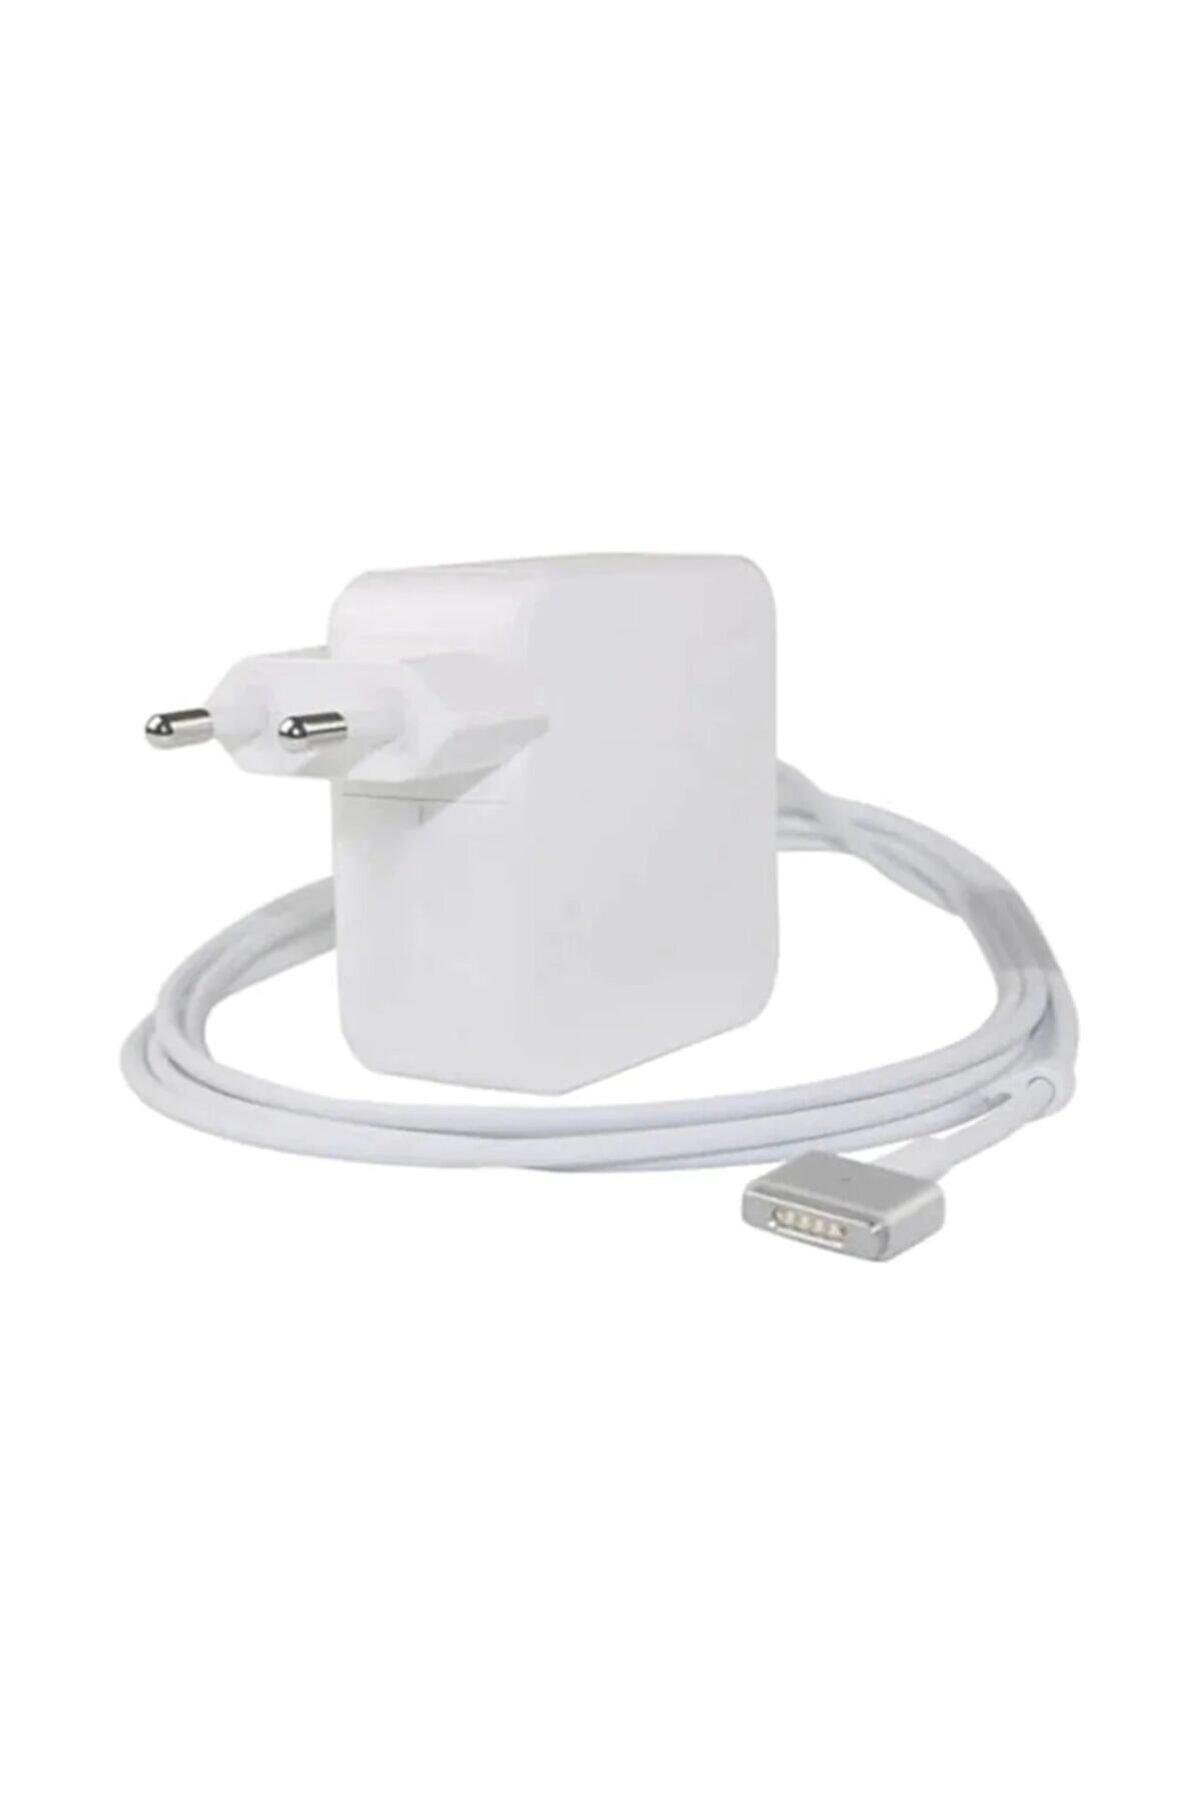 NIVATECH Macbook Magsafe 2 45w 14.85v 3.05a Şarj Aleti Adaptör